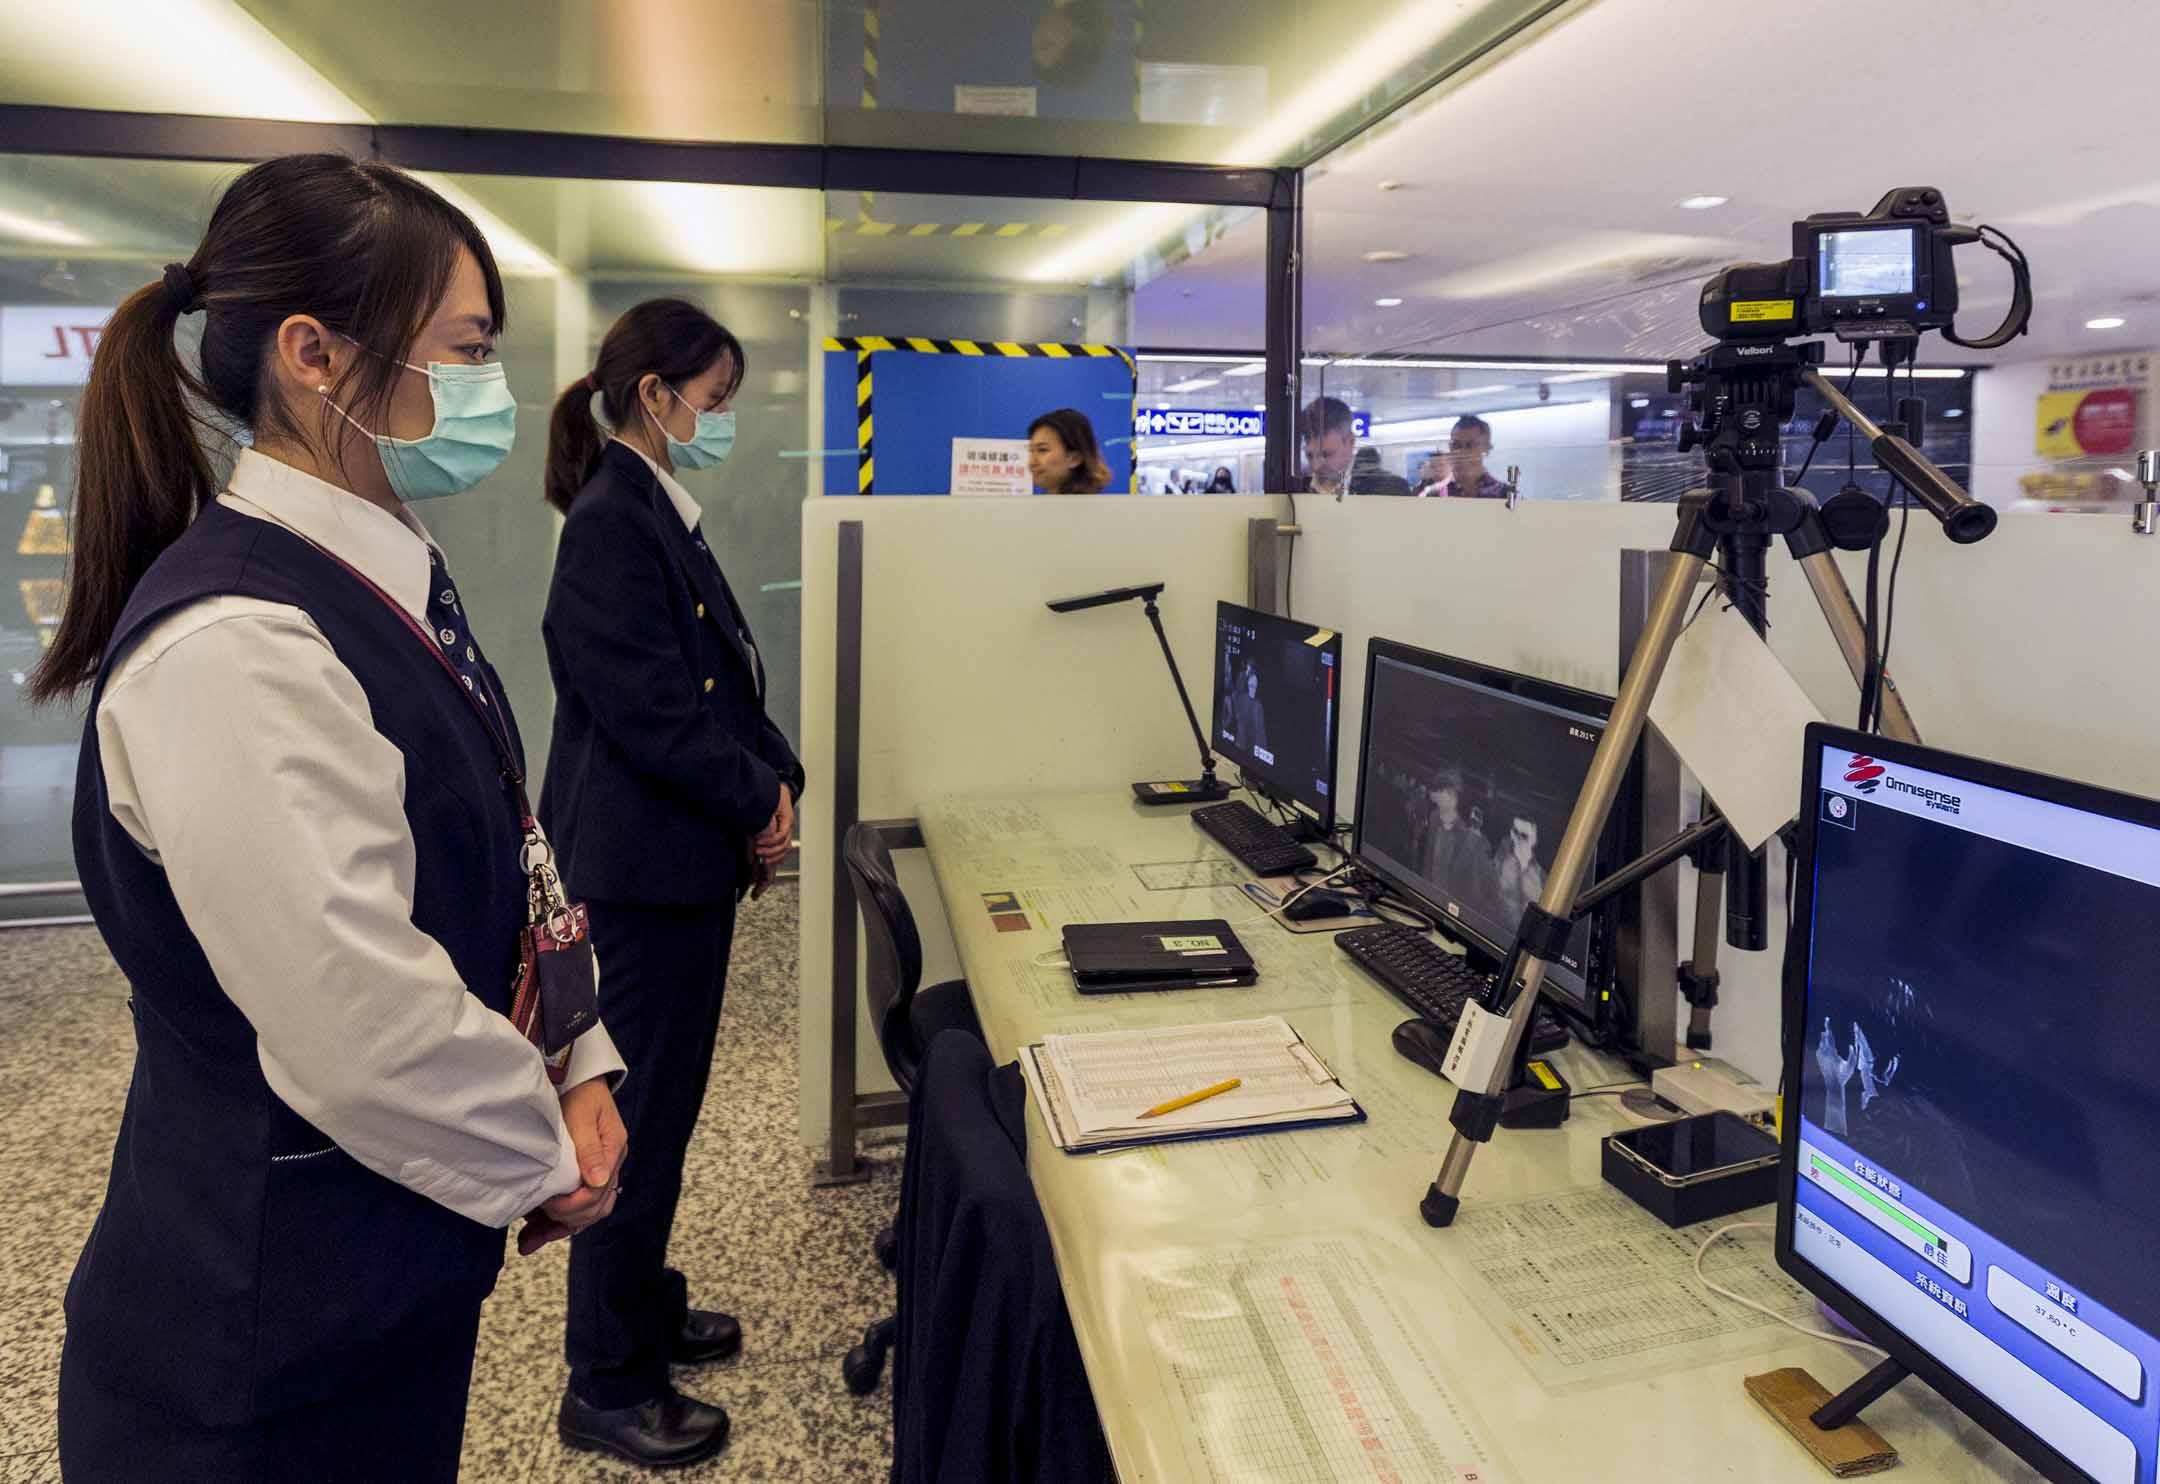 2020年1月13日,台灣疾病控制中心人員使用熱掃描儀對從中國武漢省起飛的航班上的乘客進行檢查。